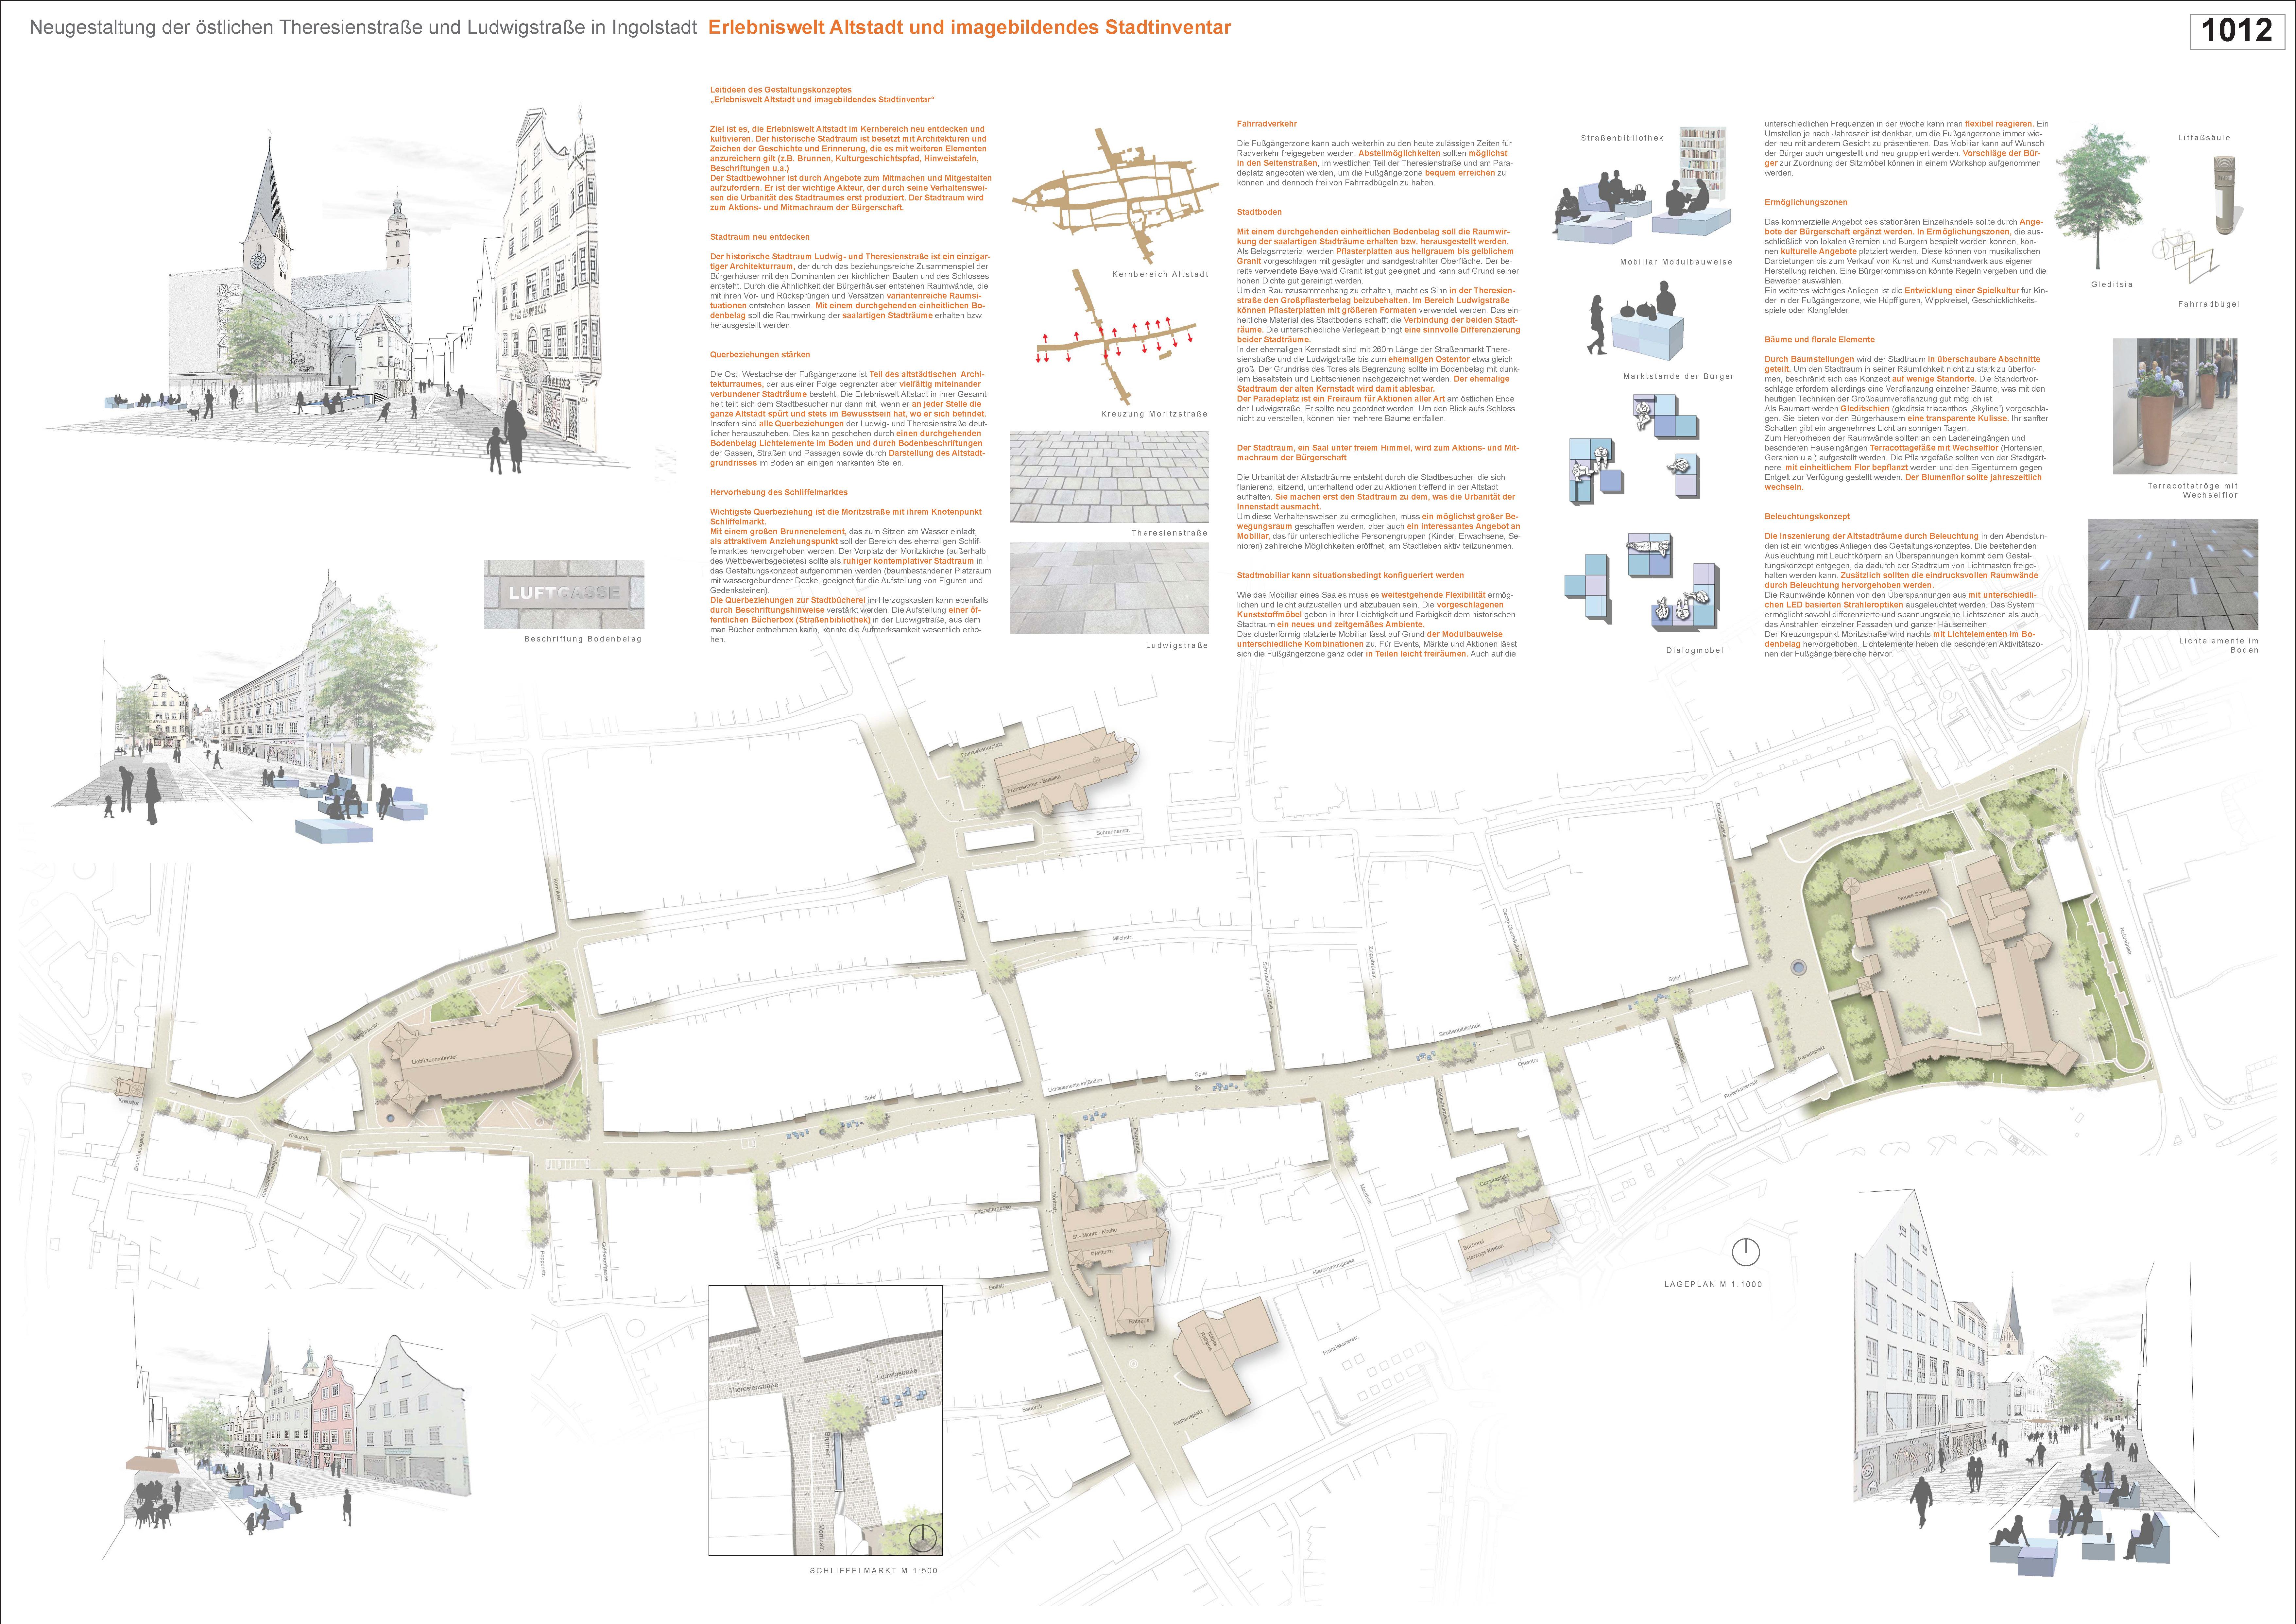 Preisgruppe 1. Stufe Planungswettbewerb Neugestaltung Fußgängerzone Arbeit 3 (1012)